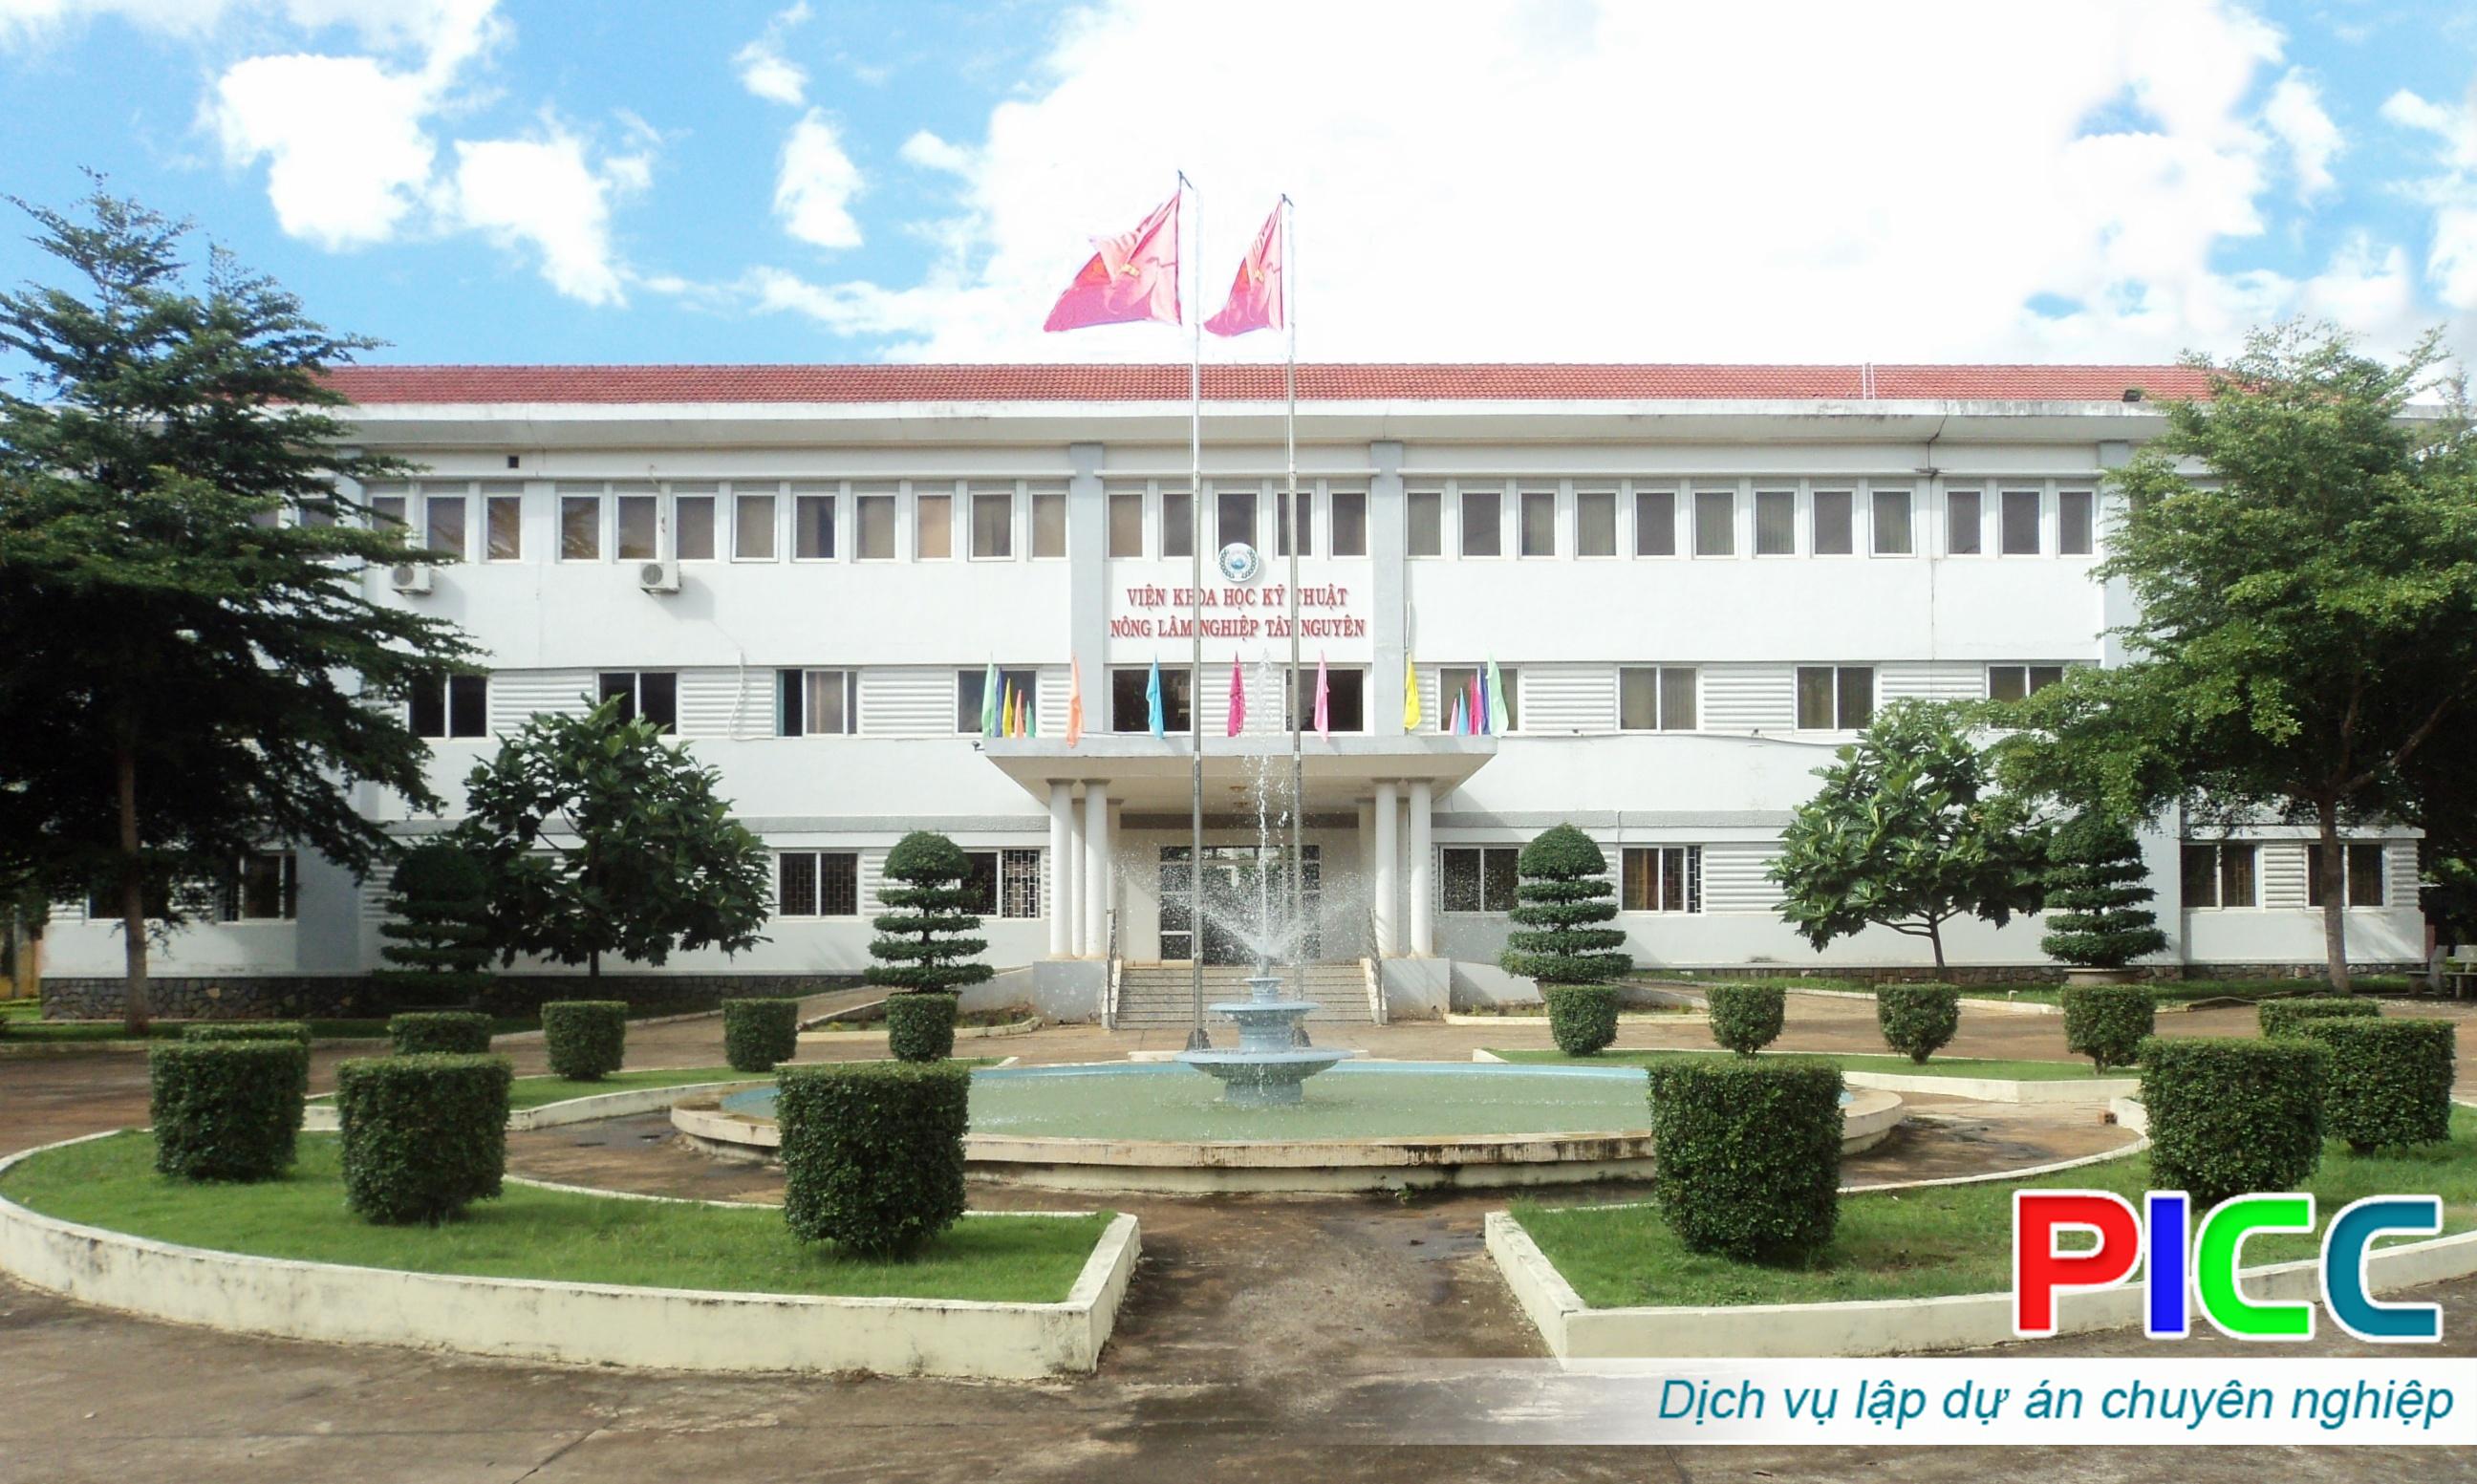 Dự án đầu tư xây dựng Viện Khoa học kỹ thuật Nông – Lâm nghiệp Tây Nguyên